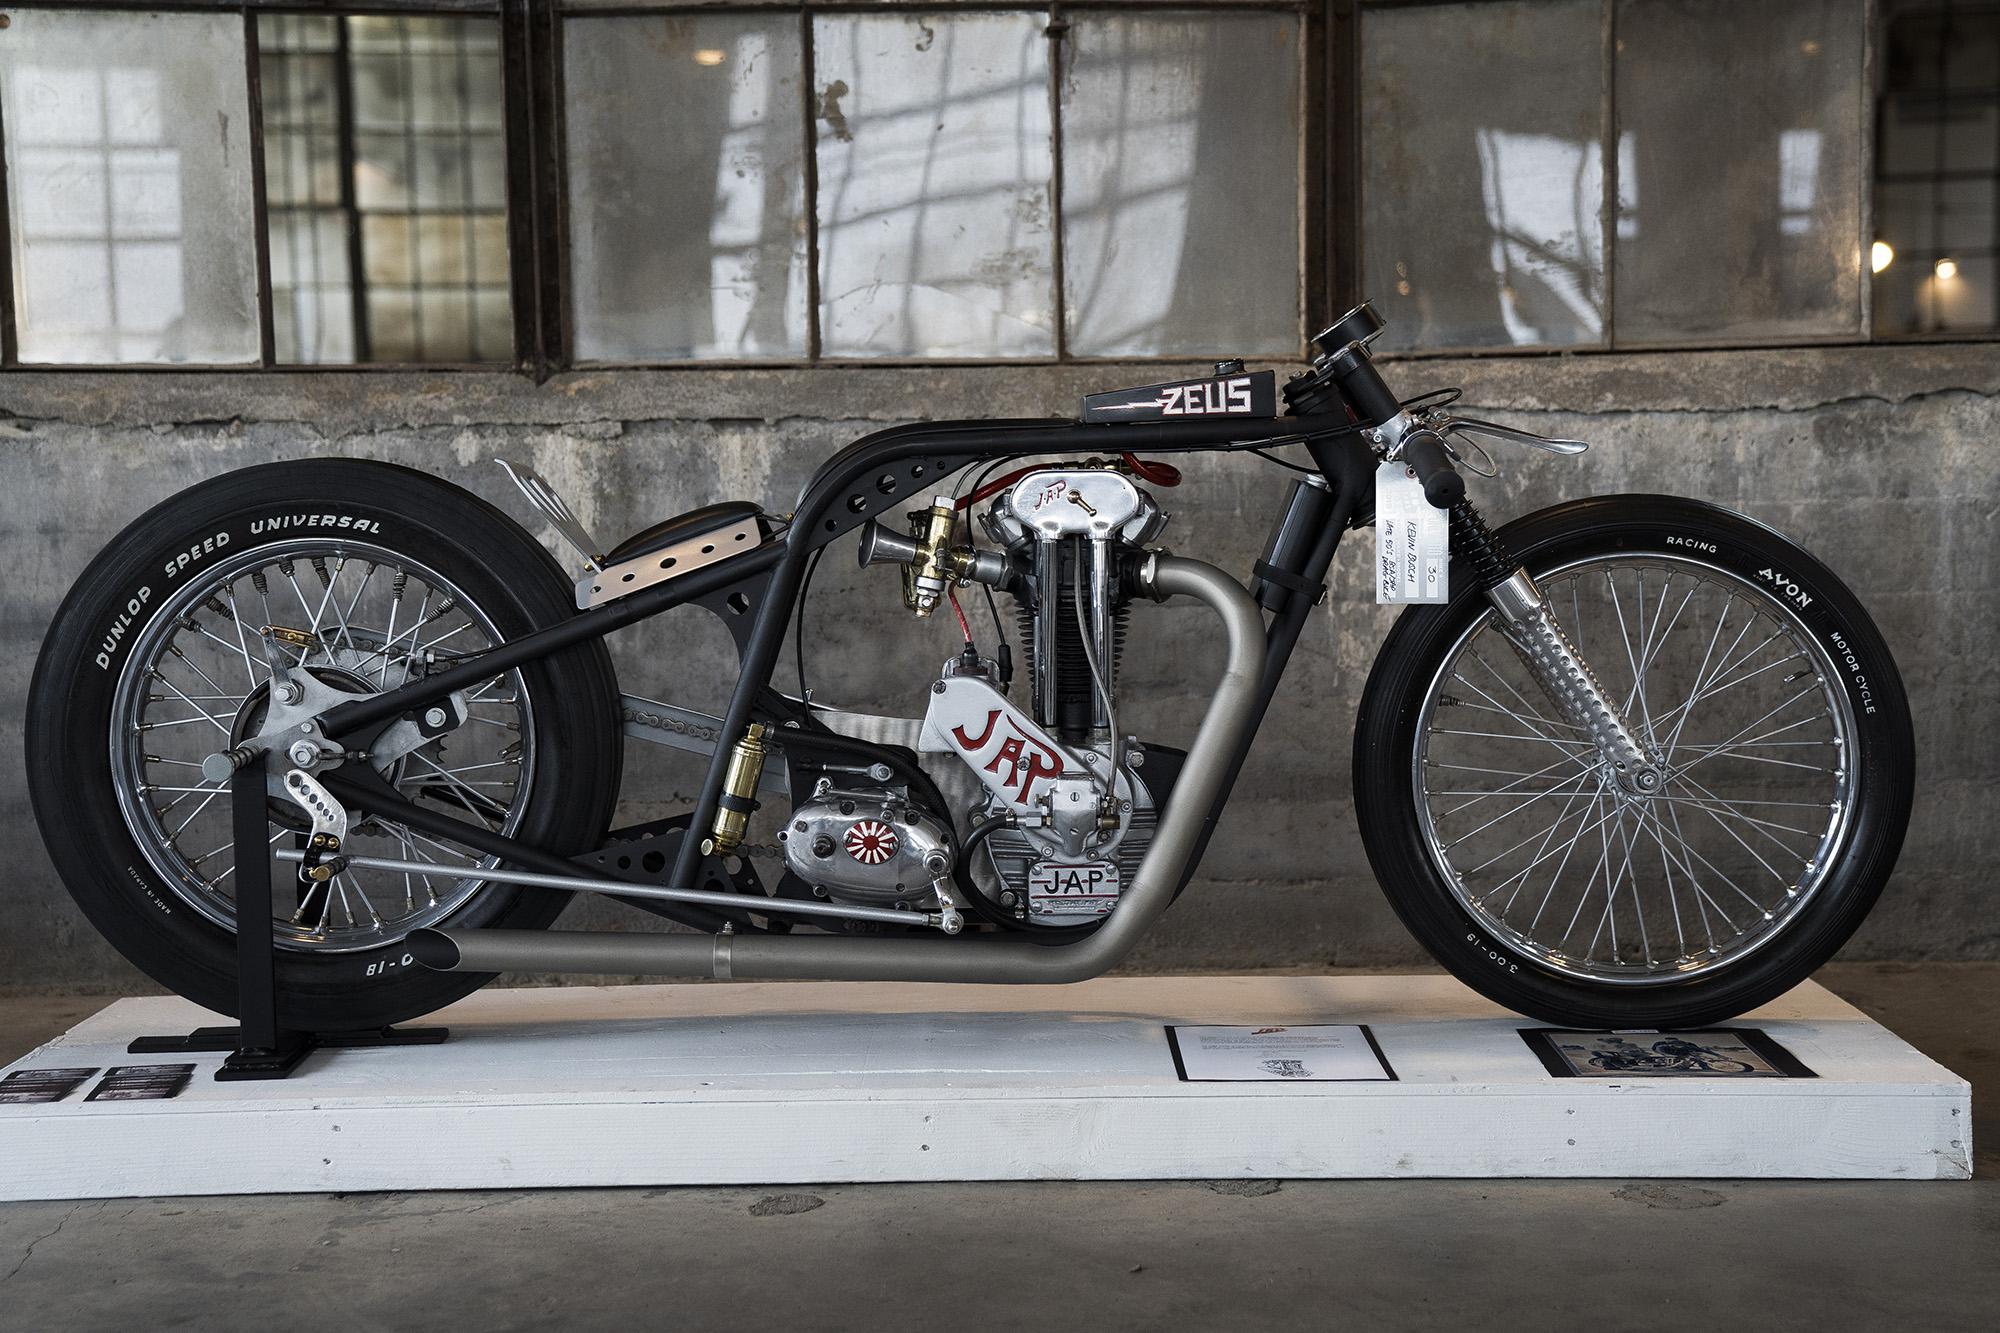 FAMILY AFFAIR - 'Zeus' Drag Bike - Pipeburn com